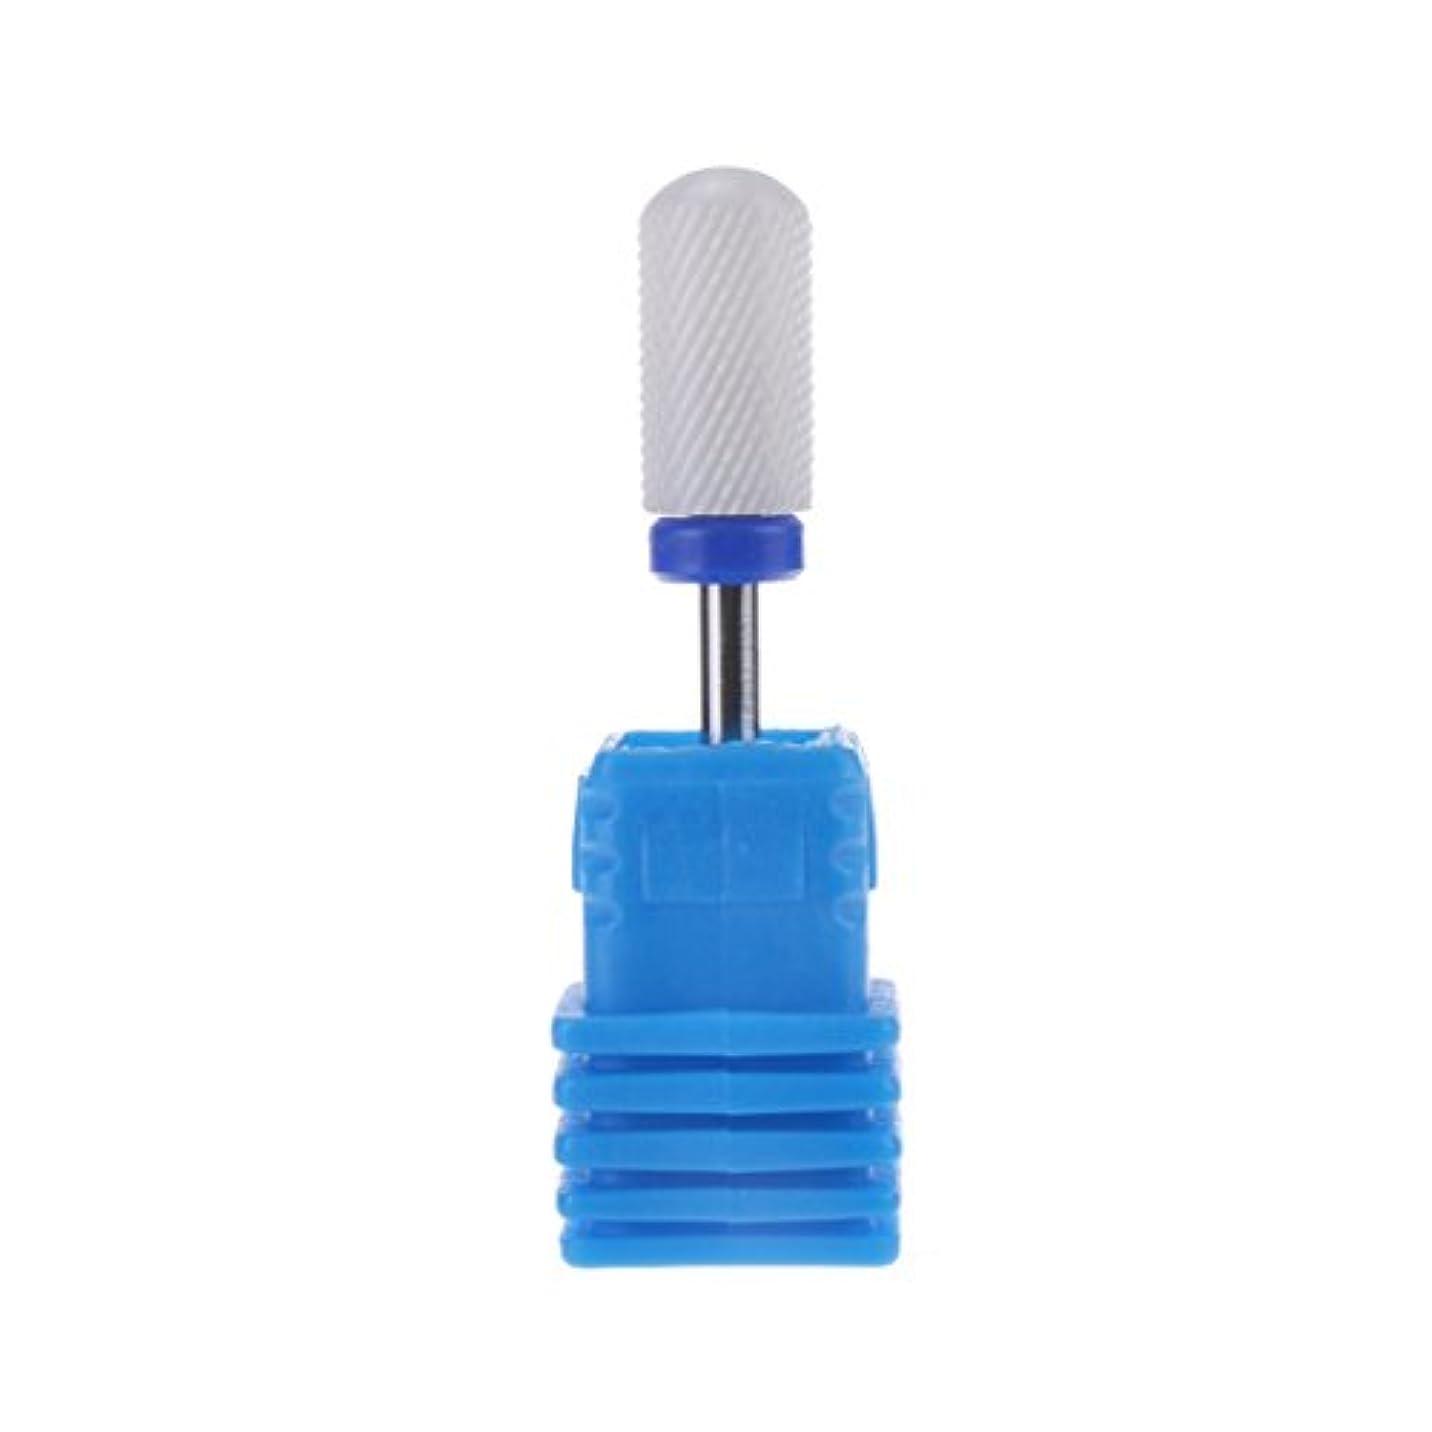 有用くるみ最初はBiutee 陶磁器ドリルビット 6.6mm*13mm ネイルドリルビット ロータリーファイル 研削ネイル 切削工具 ドリルビット ネイルアートファイル ドリル ビット 付け爪用にも 耐摩耗性 耐腐食性 高硬度 (M)